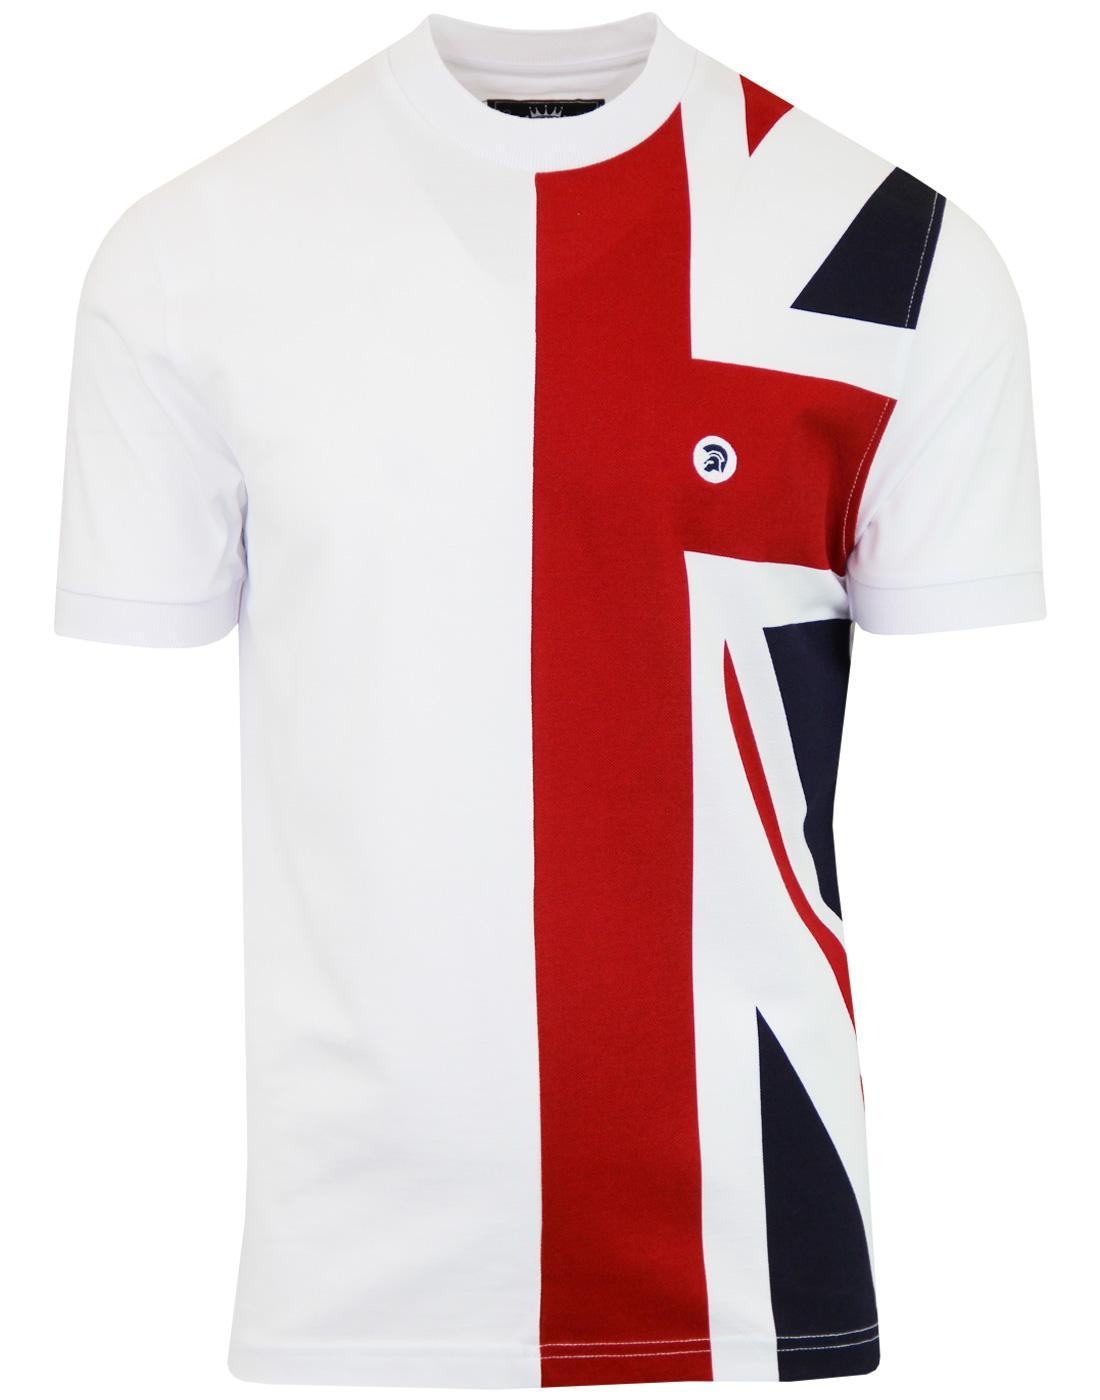 TROJAN RECORDS Mod Union Jack Pique T-shirt WHITE